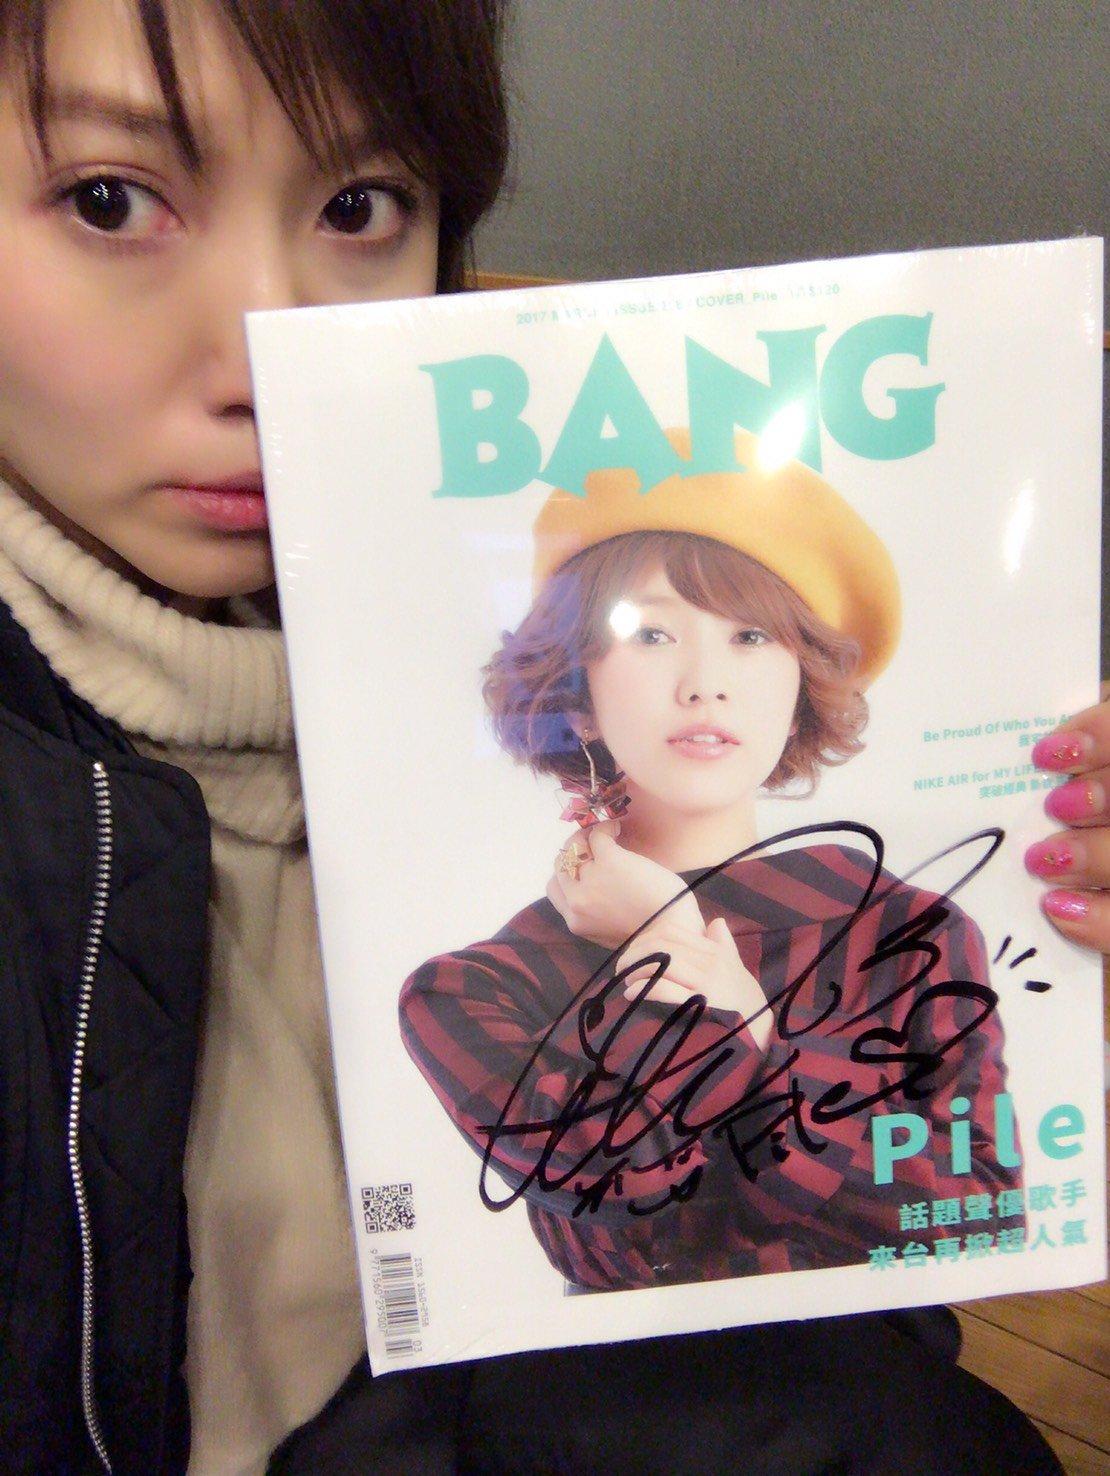 성우 Pile씨가 표지를 장식한 대만의 패션 잡지